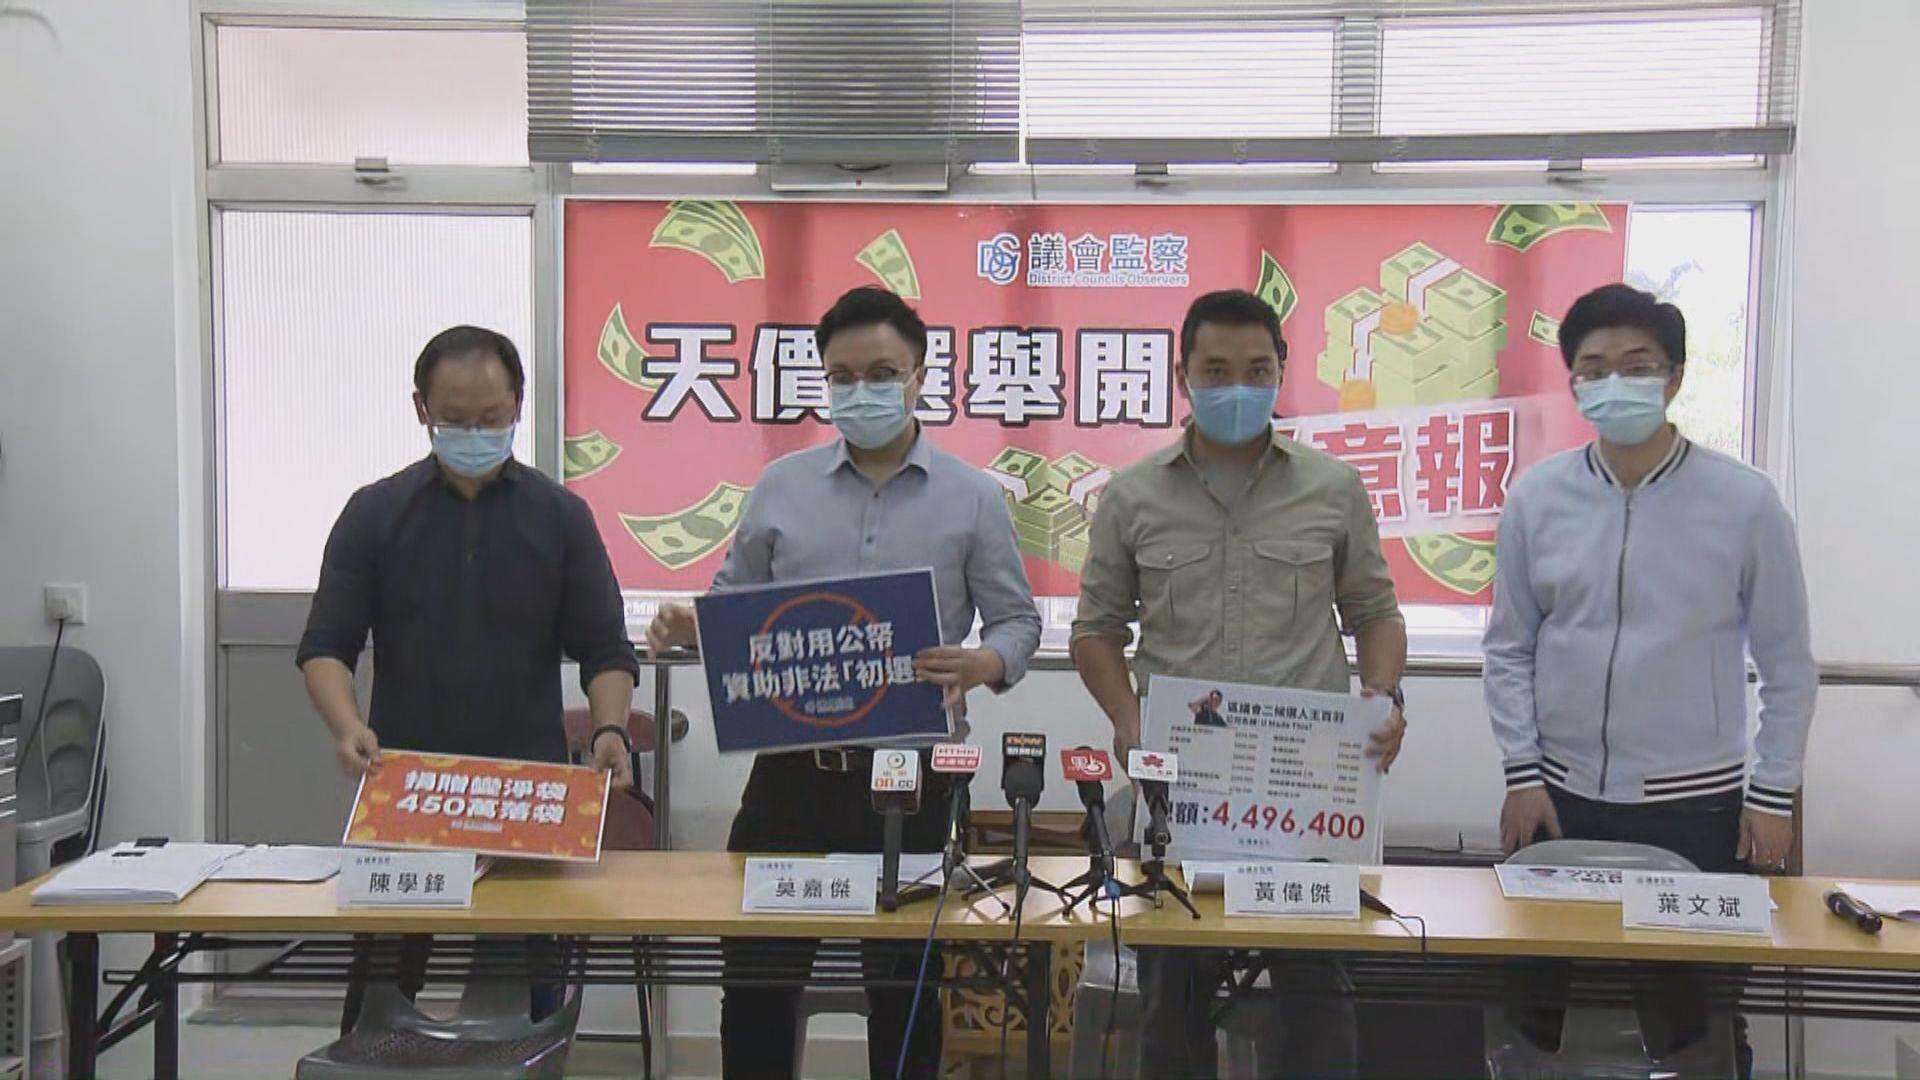 議會監察質疑非建制派參選人亂報開支